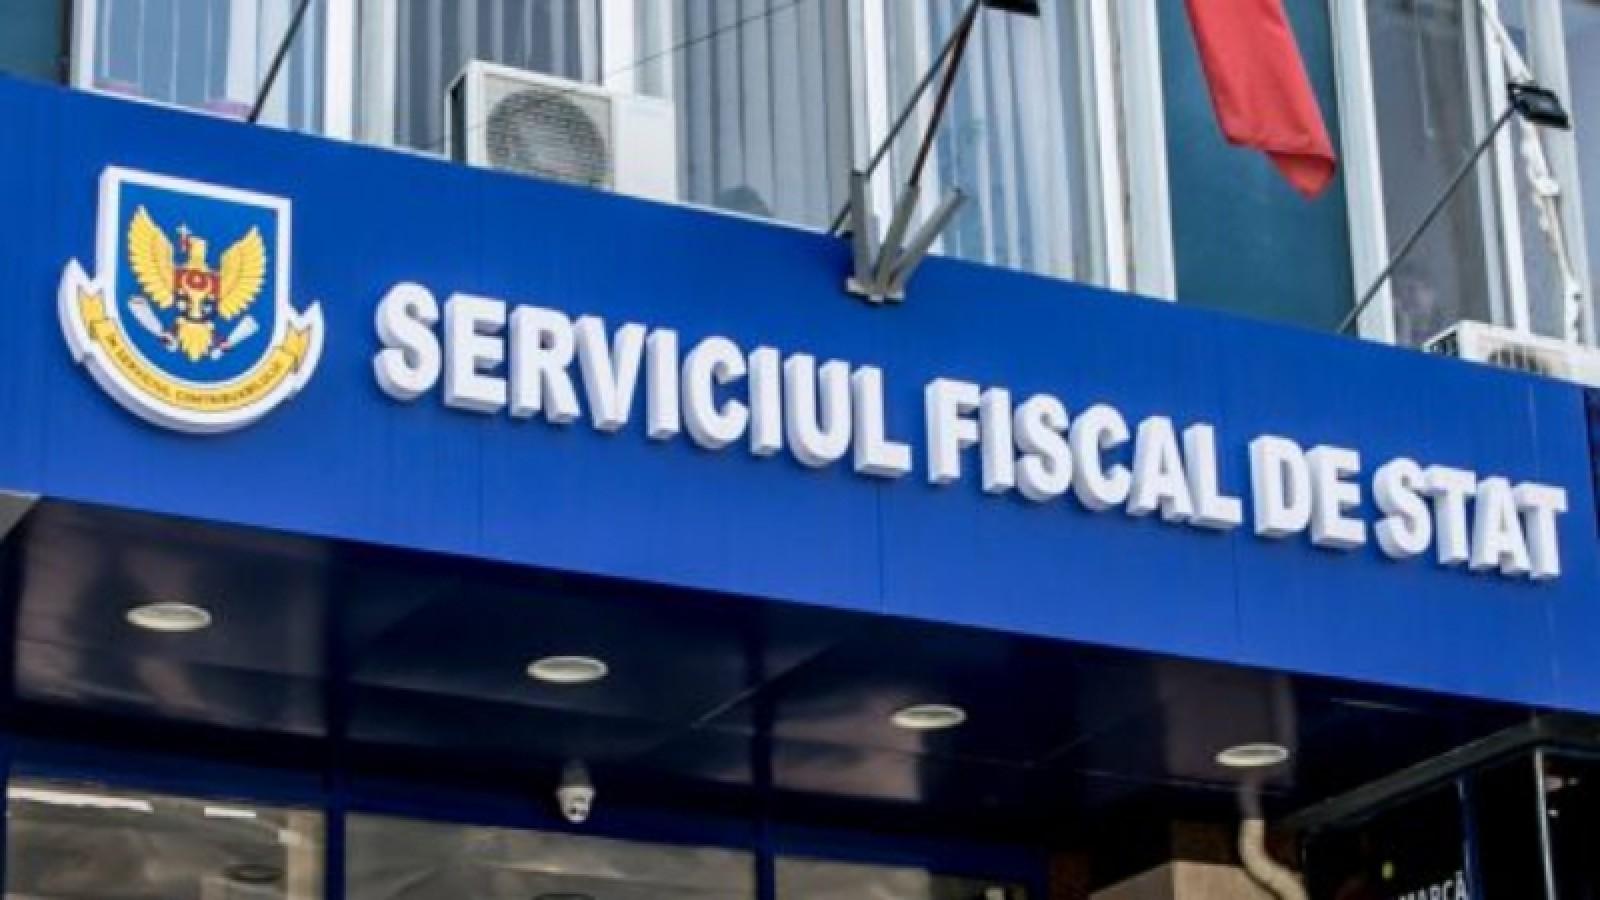 Persoana reținută în urma perchizițiilor de la Serviciul Fiscal de Stat a primit 30 de zile de arest